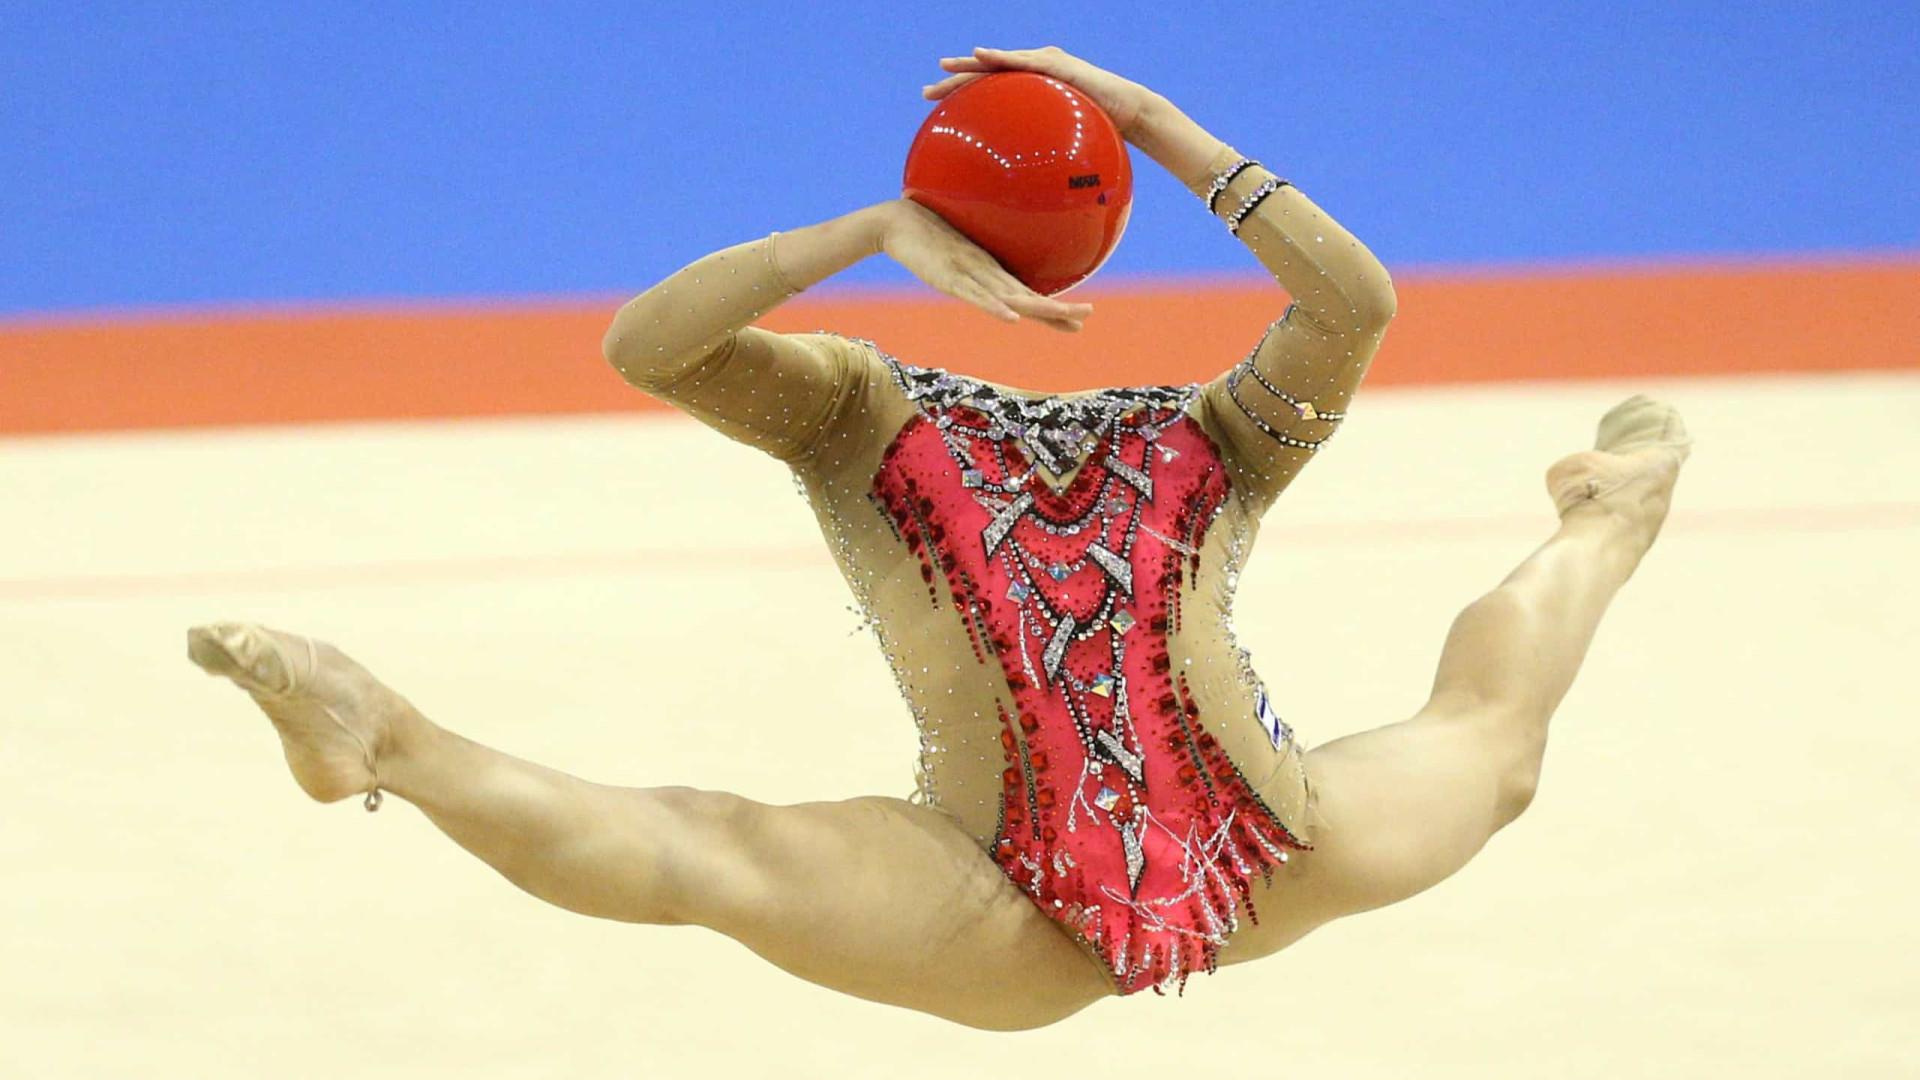 Impressionante! Imagem de ginasta 'decapitada' corre o mundo